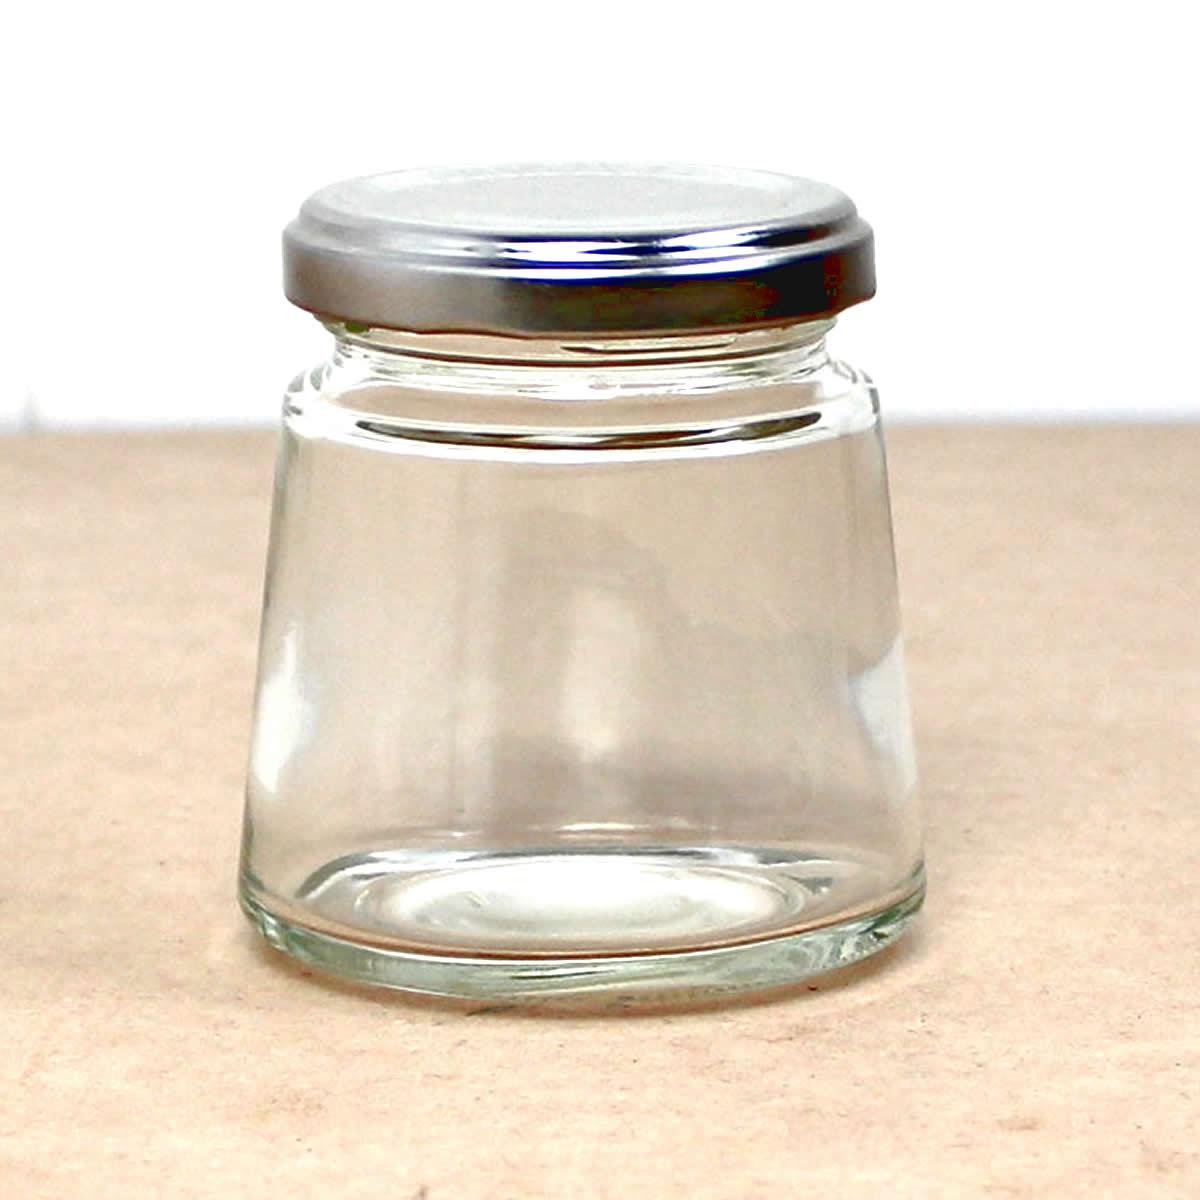 即日★ハーバリウム瓶(モンブラン) 140ml アルミ銀キャップ付【00】《花資材・道具 ハーバリウム材料 ハーバリウム オイル》